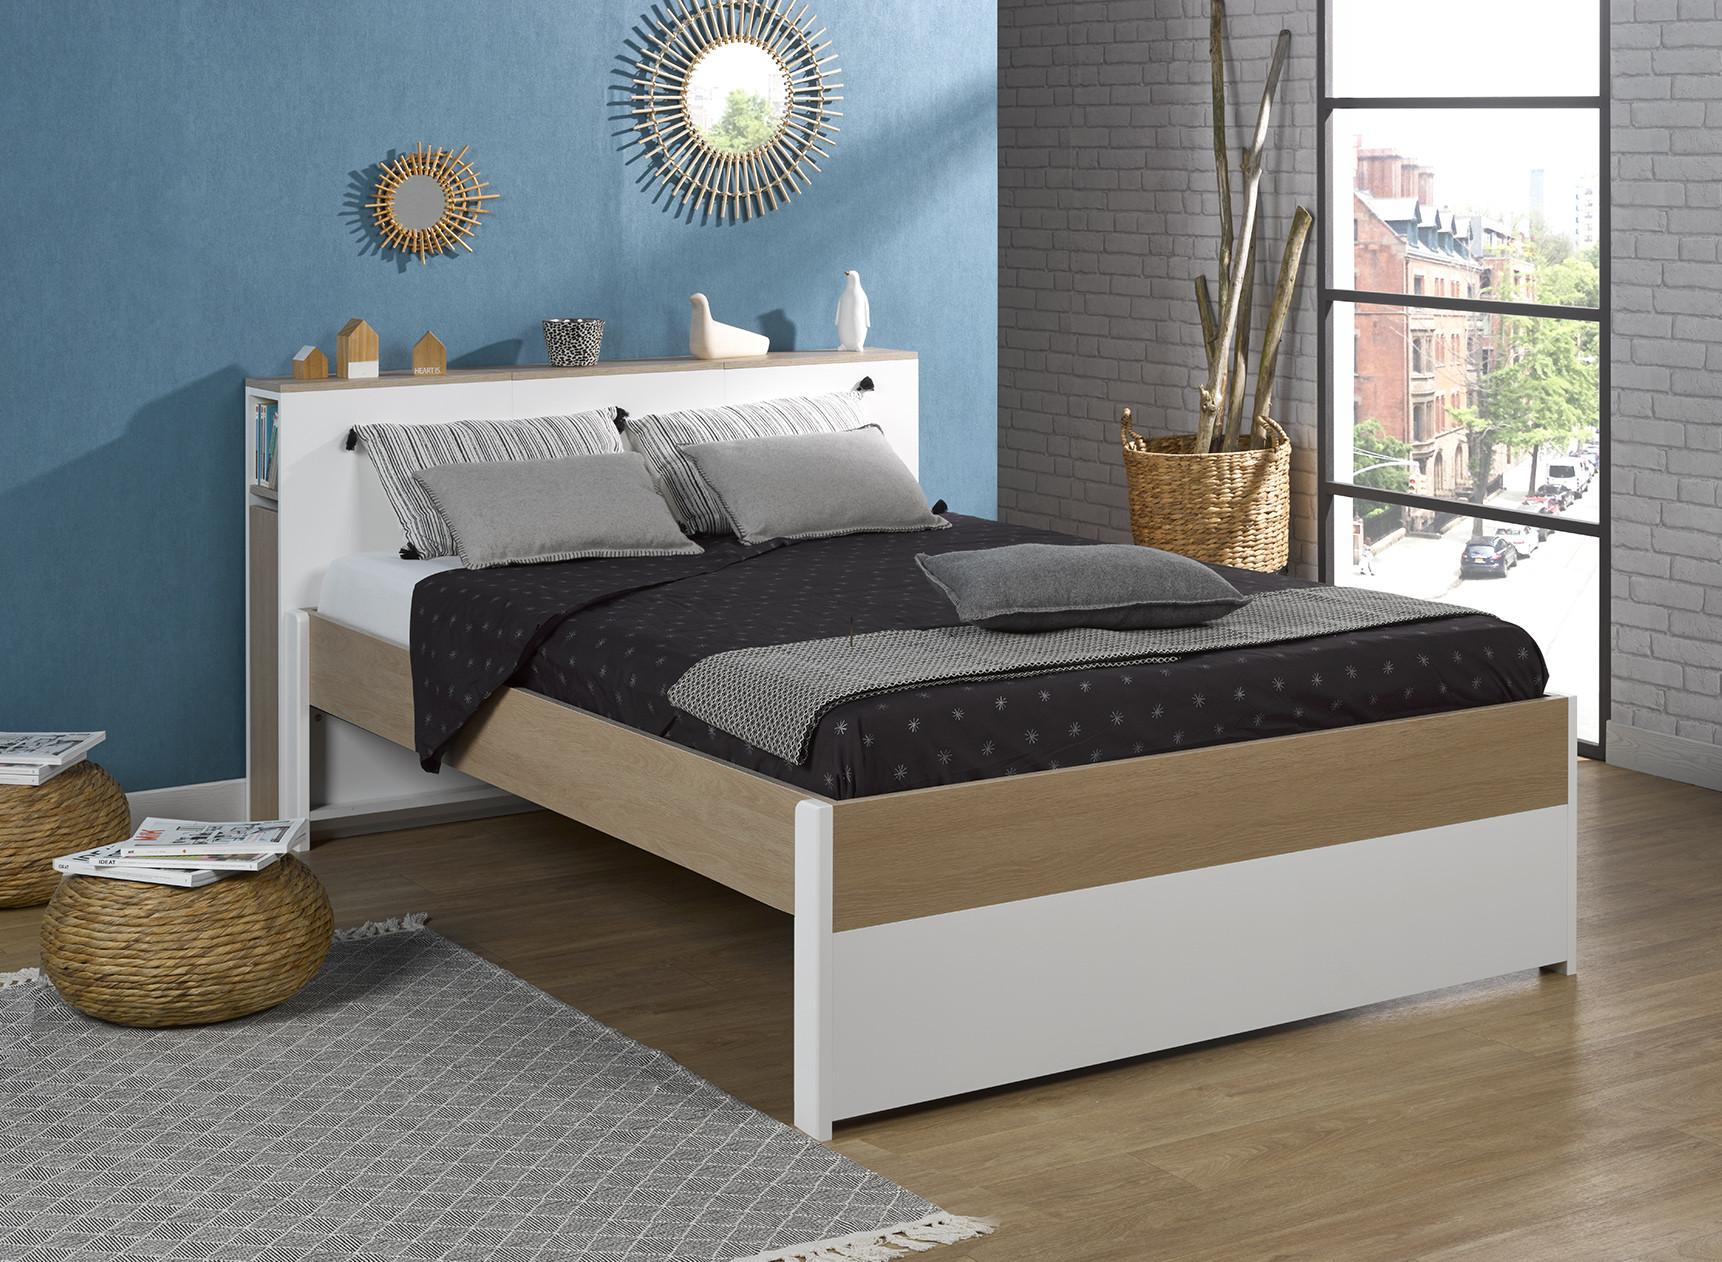 Lit double 140x200 avec tête de lit PRADO Nateo Concept - 1